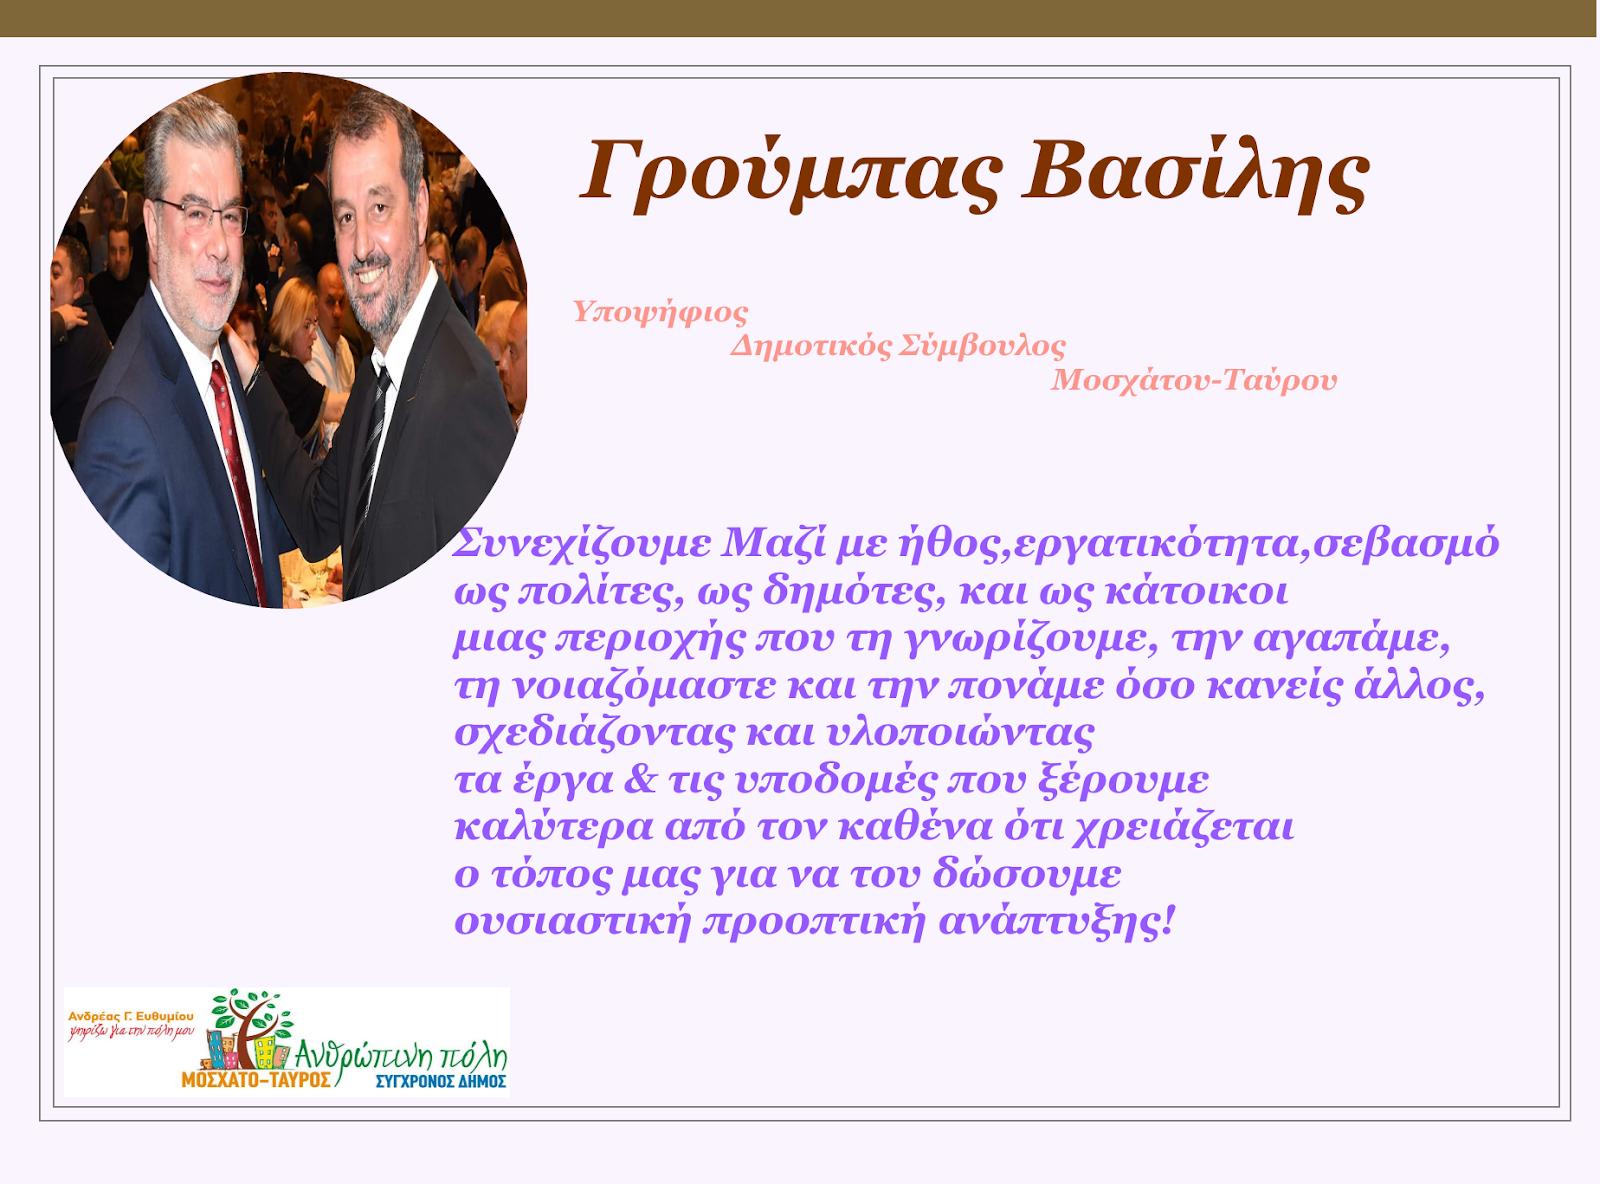 Γρούμπας Βασίλης:Υποψήφιος Δημοτικός Σύμβουλος Μοσχάτου-Ταύρου.